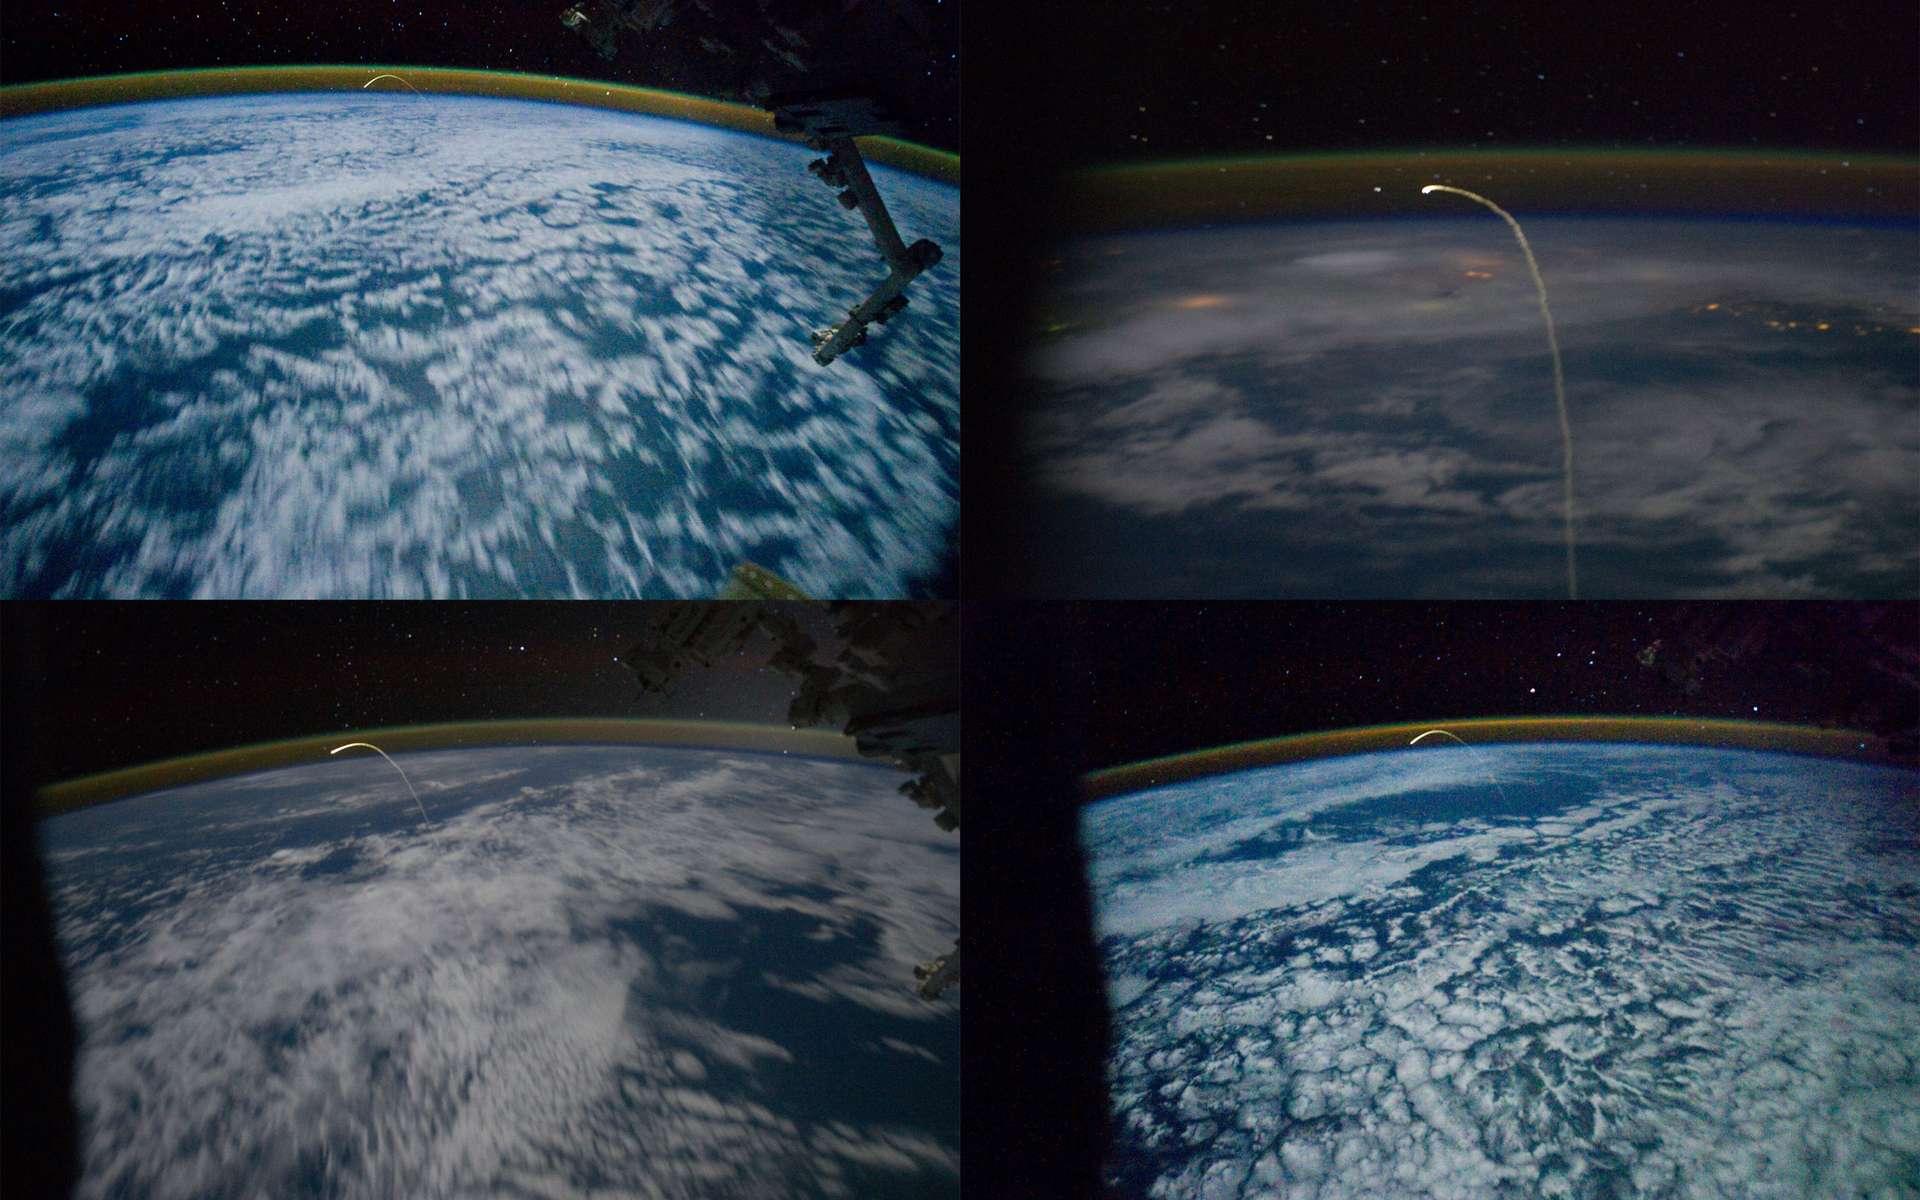 Dernier plongeon d'une navette dans l'atmosphère terrestre pour venir se poser en Floride, au Centre spatial Kennedy. © Nasa